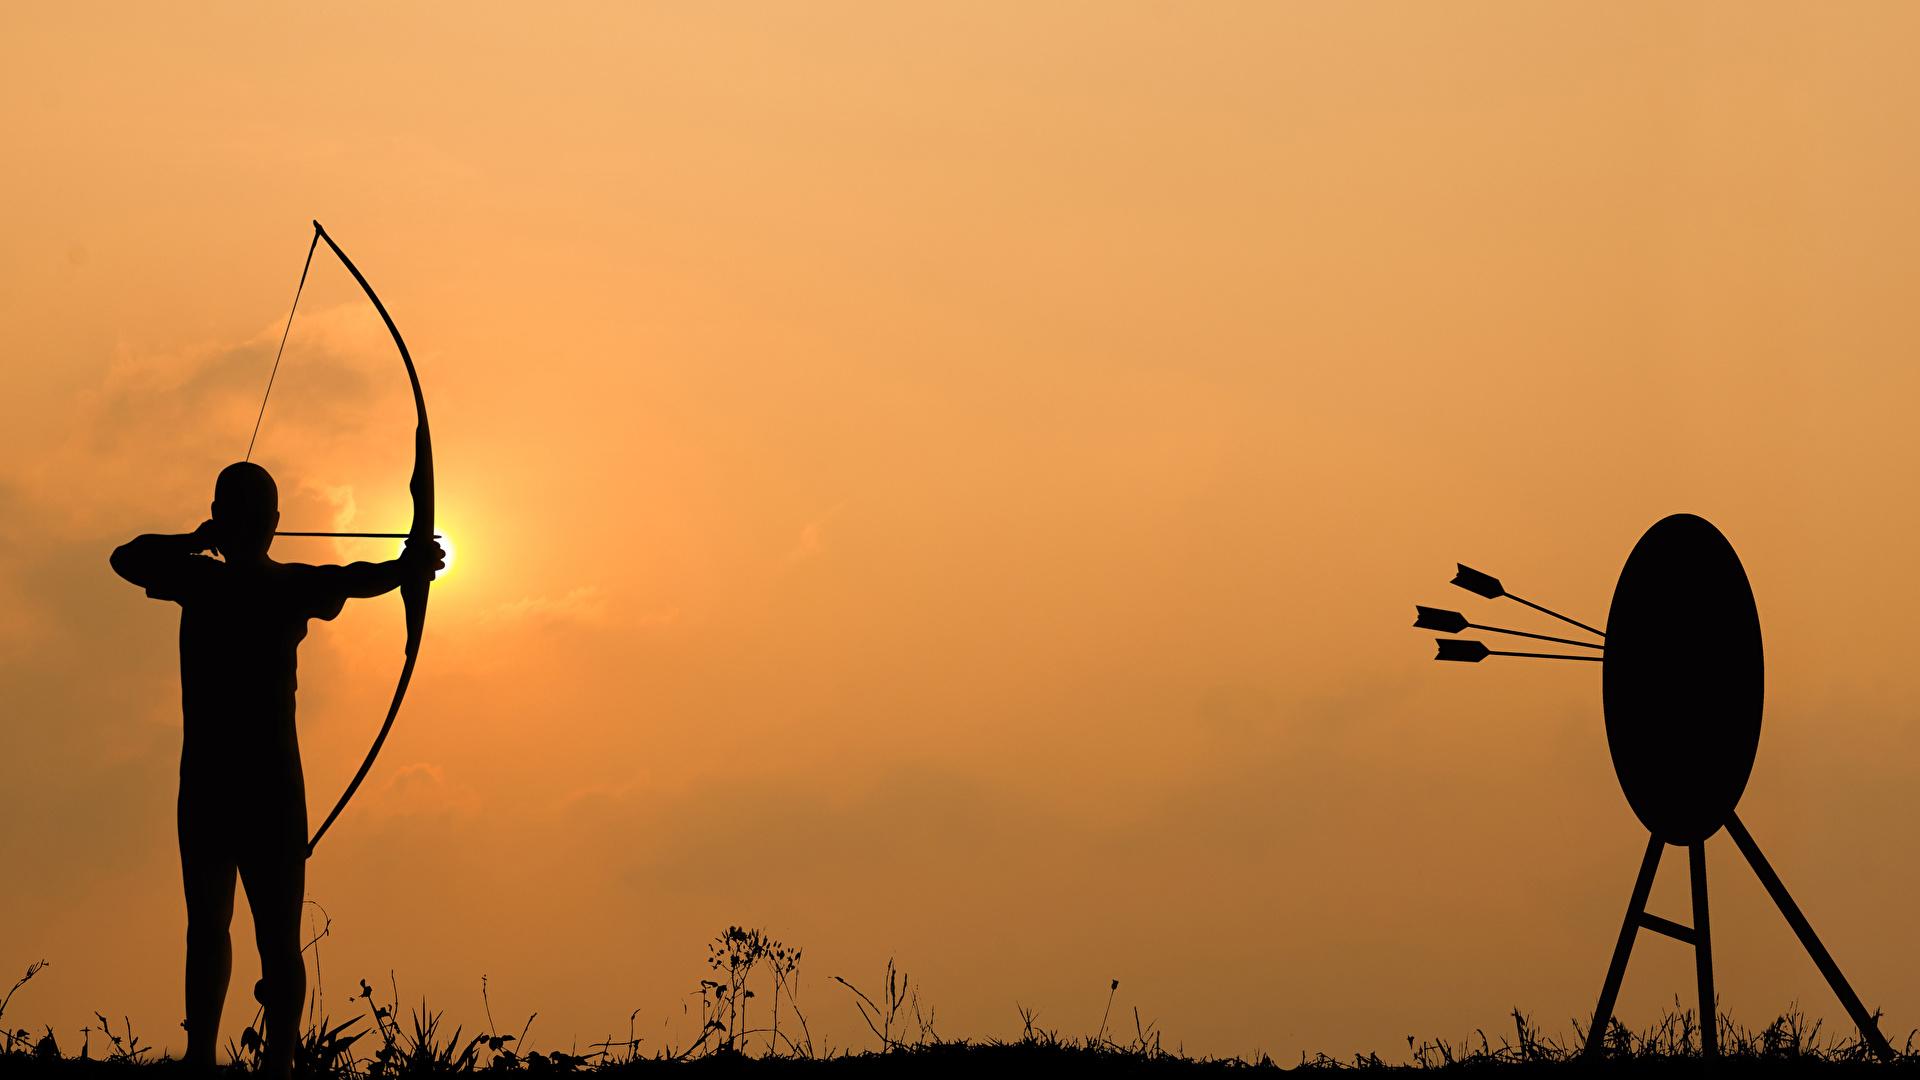 Фото Лучники Стрела Мишень Силуэт 1920x1080 цель стрелы силуэты силуэта